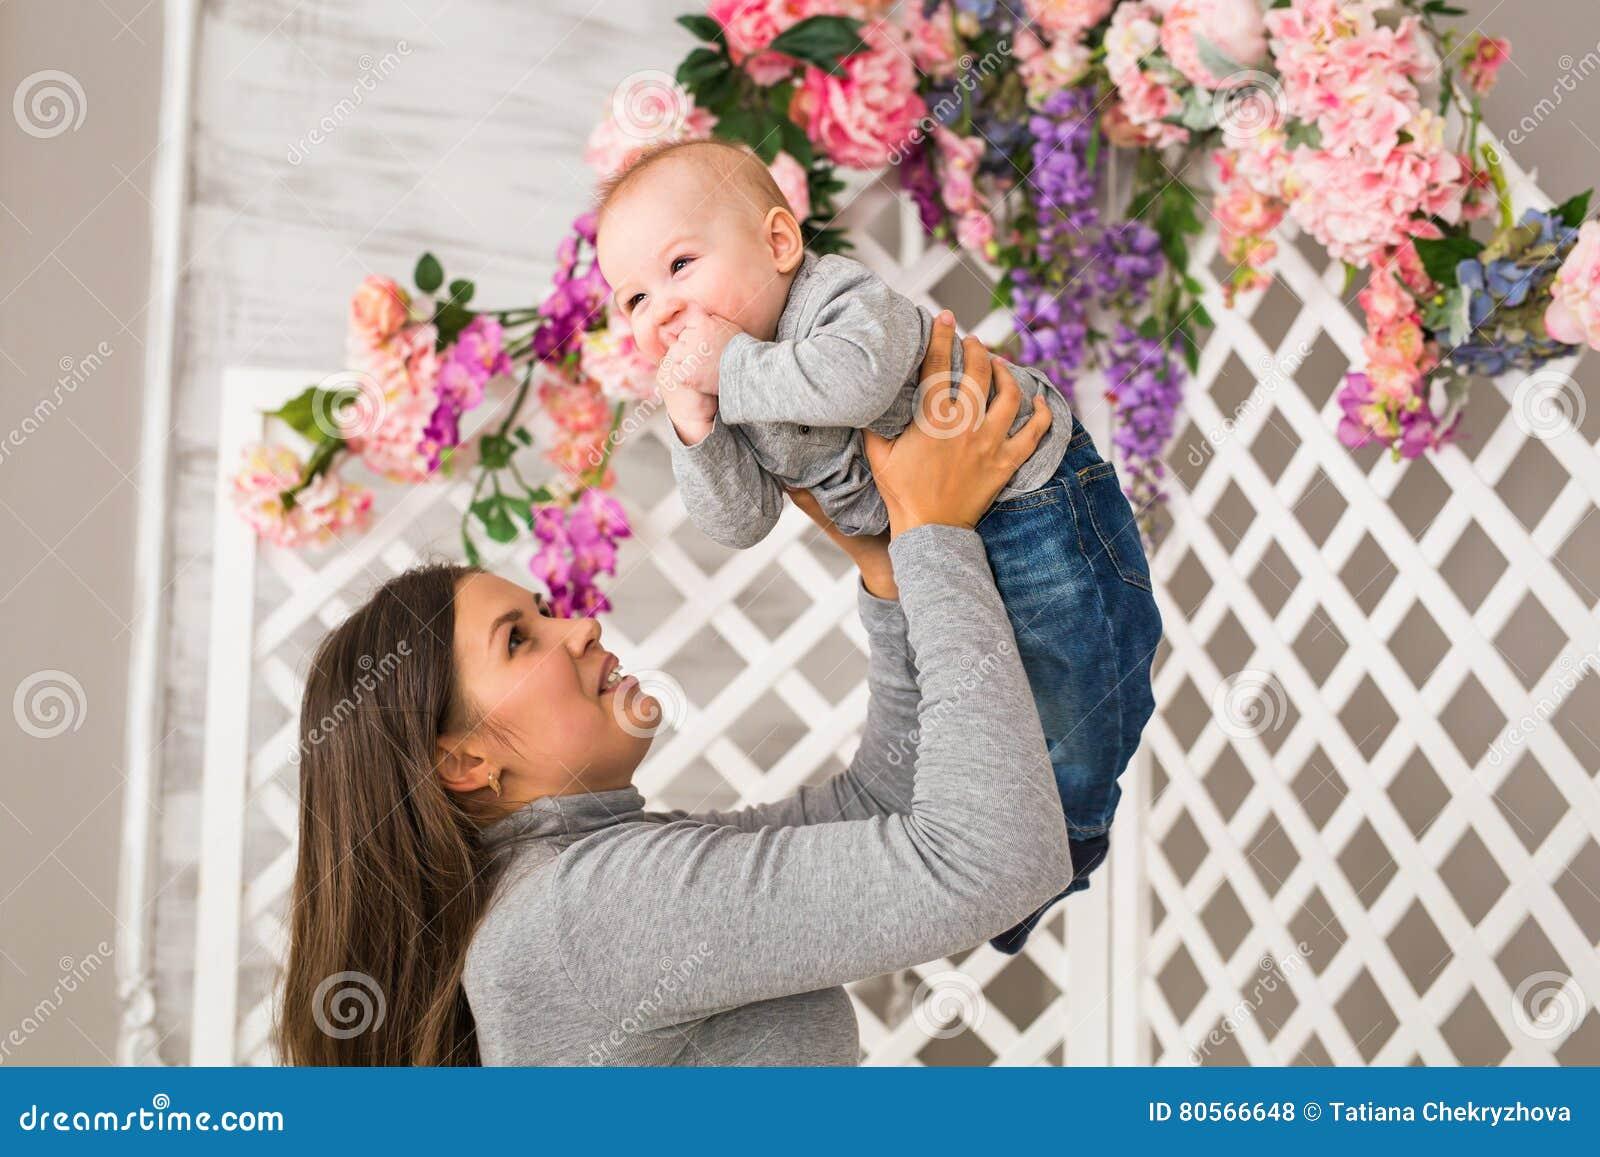 Jeune m re tenant son enfant nouveau n b b de soins de for Chambre de nouveau ne garcon